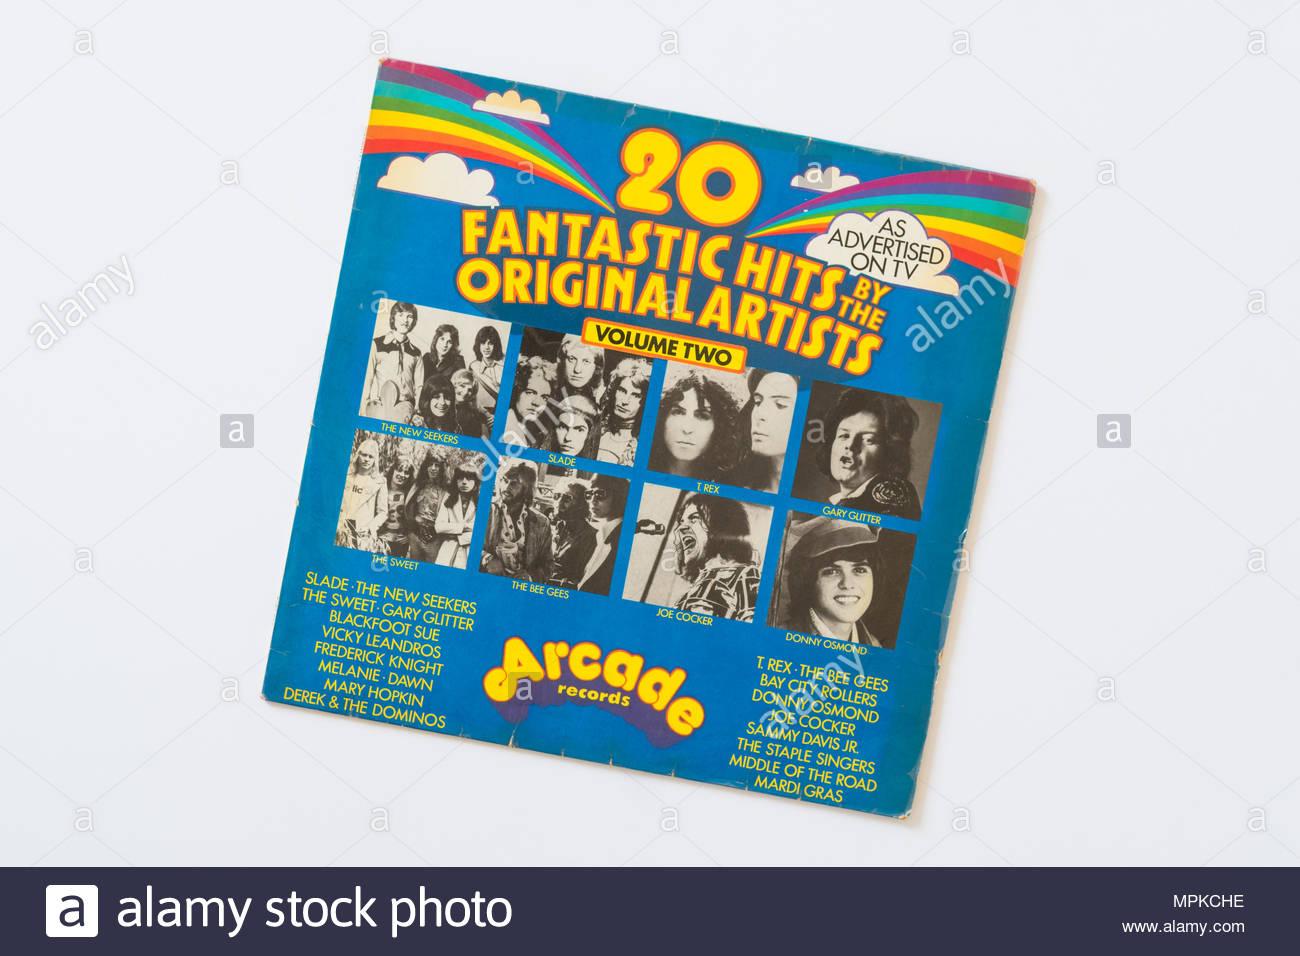 Arcade Records 1970 compilation musique disque vinyle - 20 hits fantastique par l'artistes originaux Photo Stock